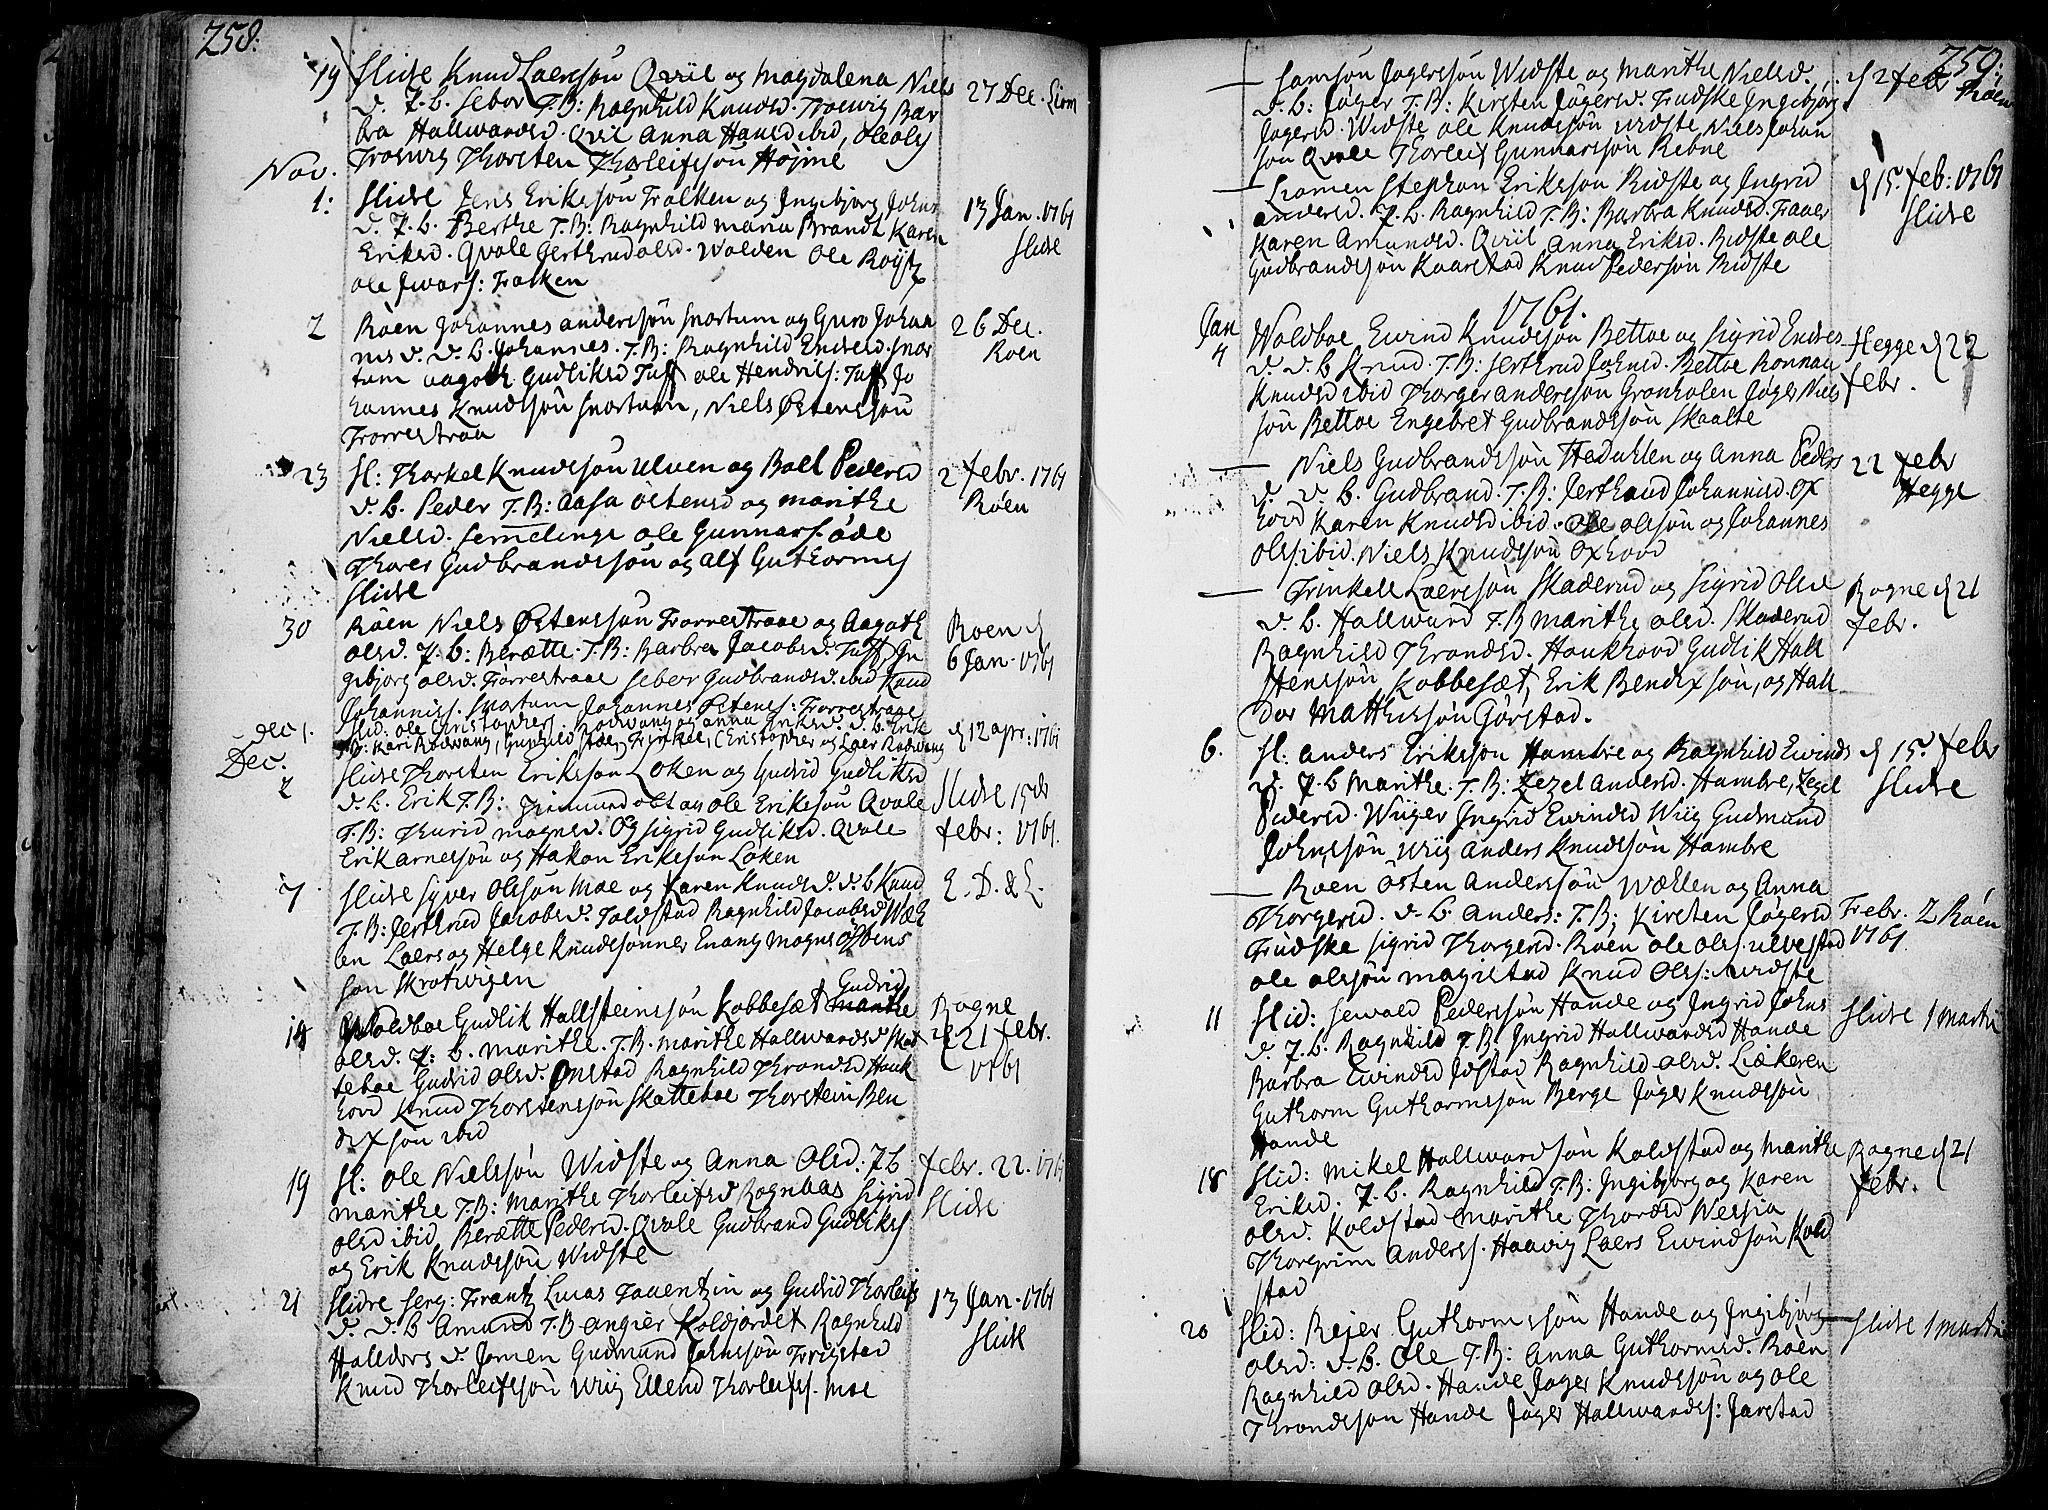 SAH, Slidre prestekontor, Ministerialbok nr. 1, 1724-1814, s. 258-259